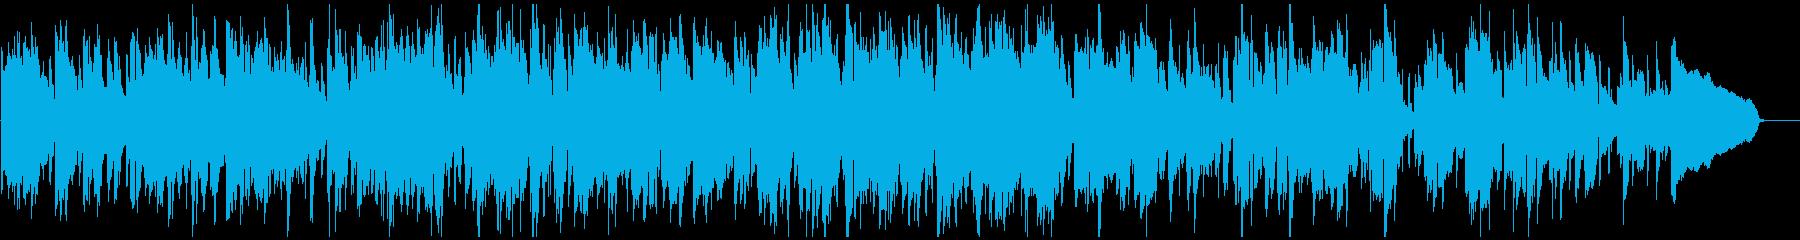 生演奏ソプラノサックスのお洒落ジャズの再生済みの波形